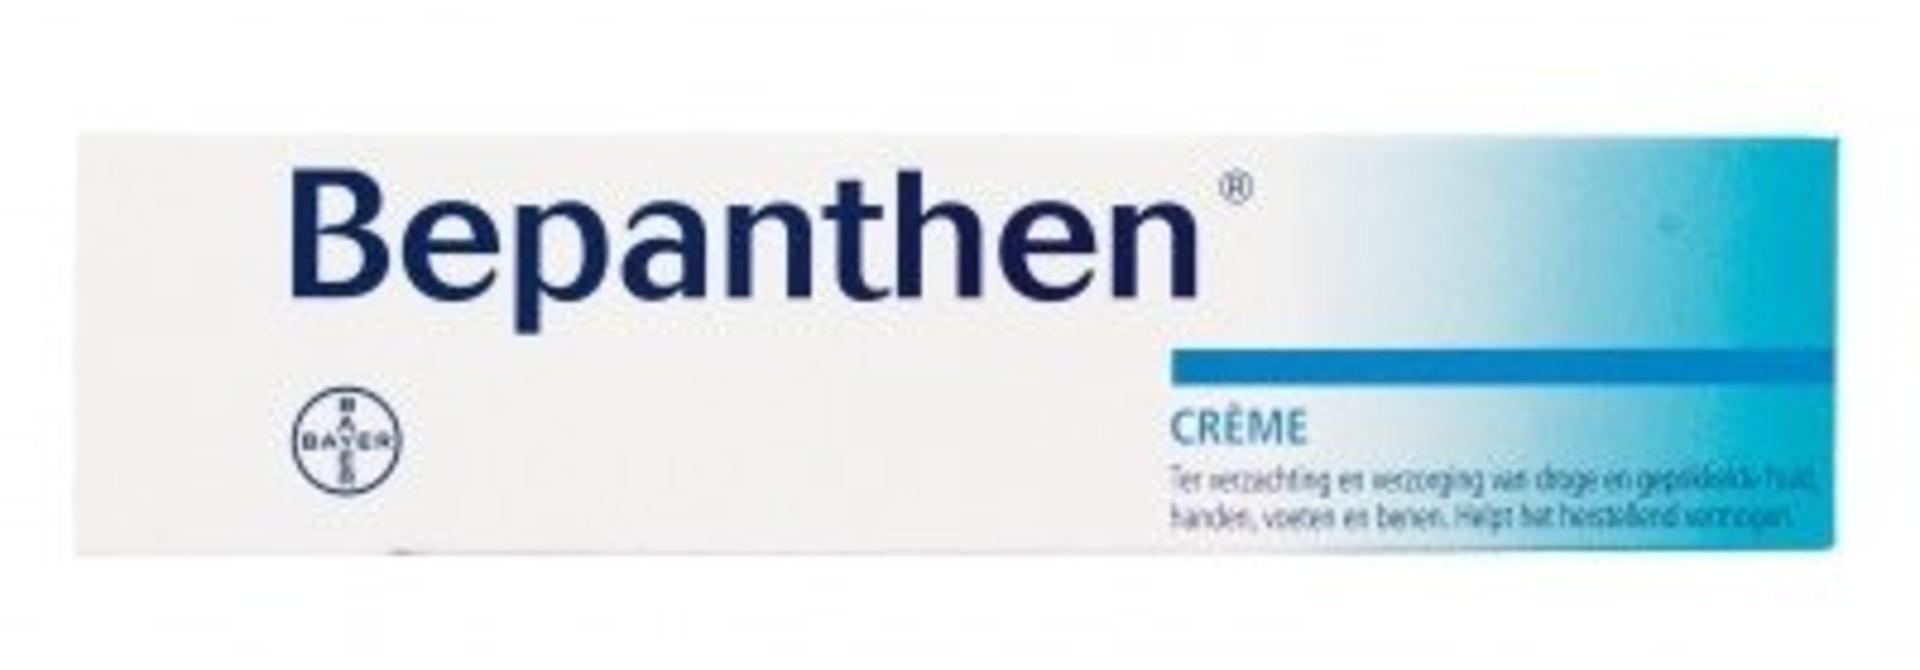 Bepanthen Creme 30 gram